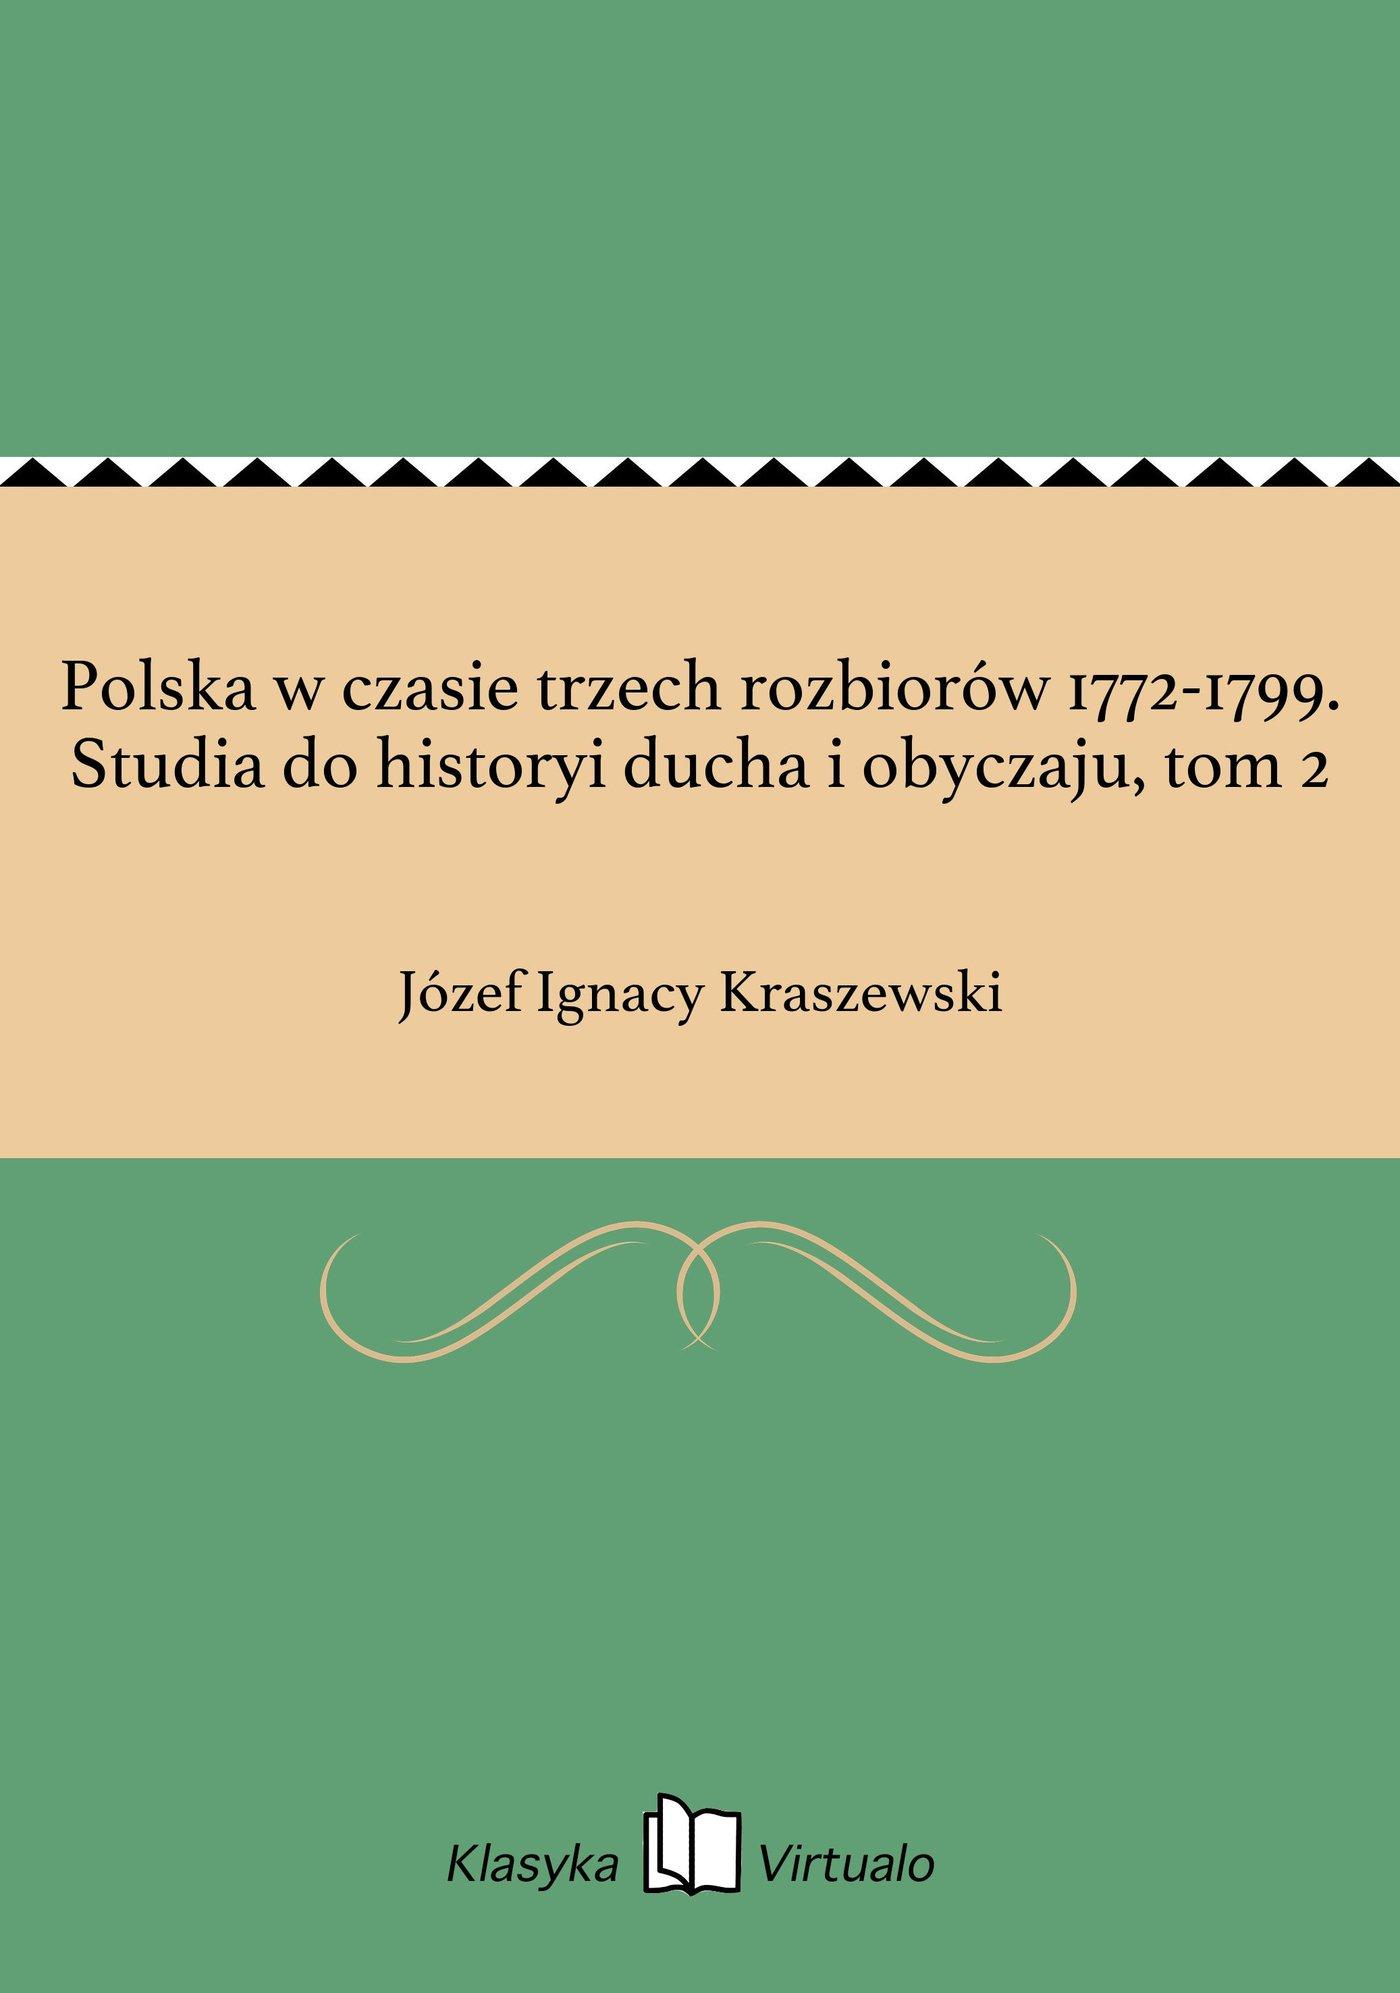 Polska w czasie trzech rozbiorów 1772-1799. Studia do historyi ducha i obyczaju, tom 2 - Ebook (Książka EPUB) do pobrania w formacie EPUB